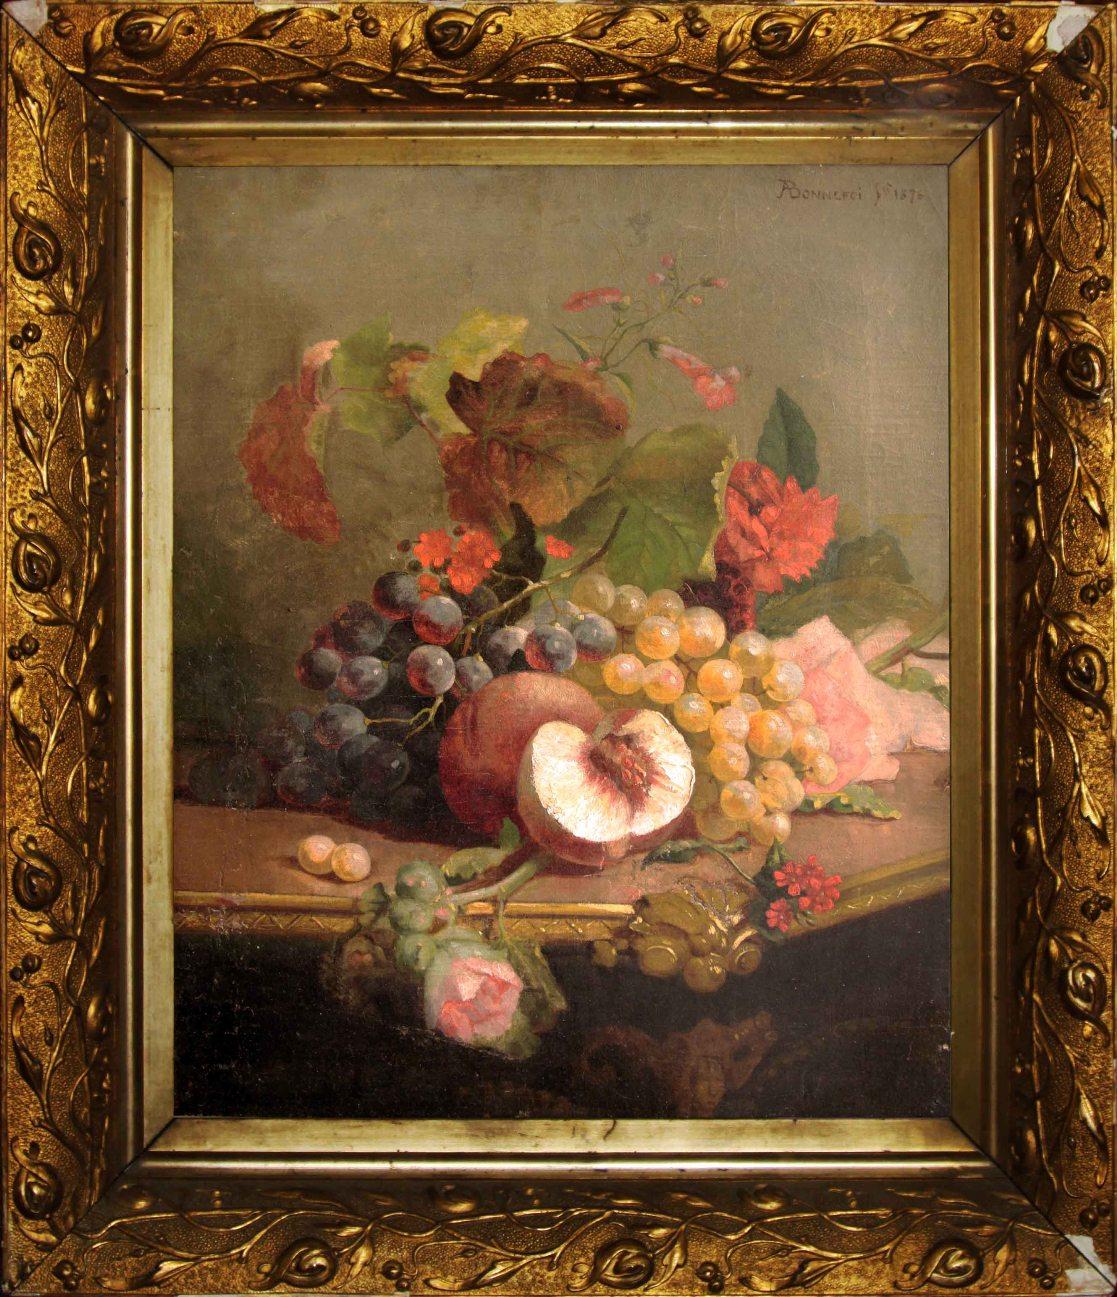 Старинный натюрморт с виноградом и персиками. Западная Европа, 1876 год.